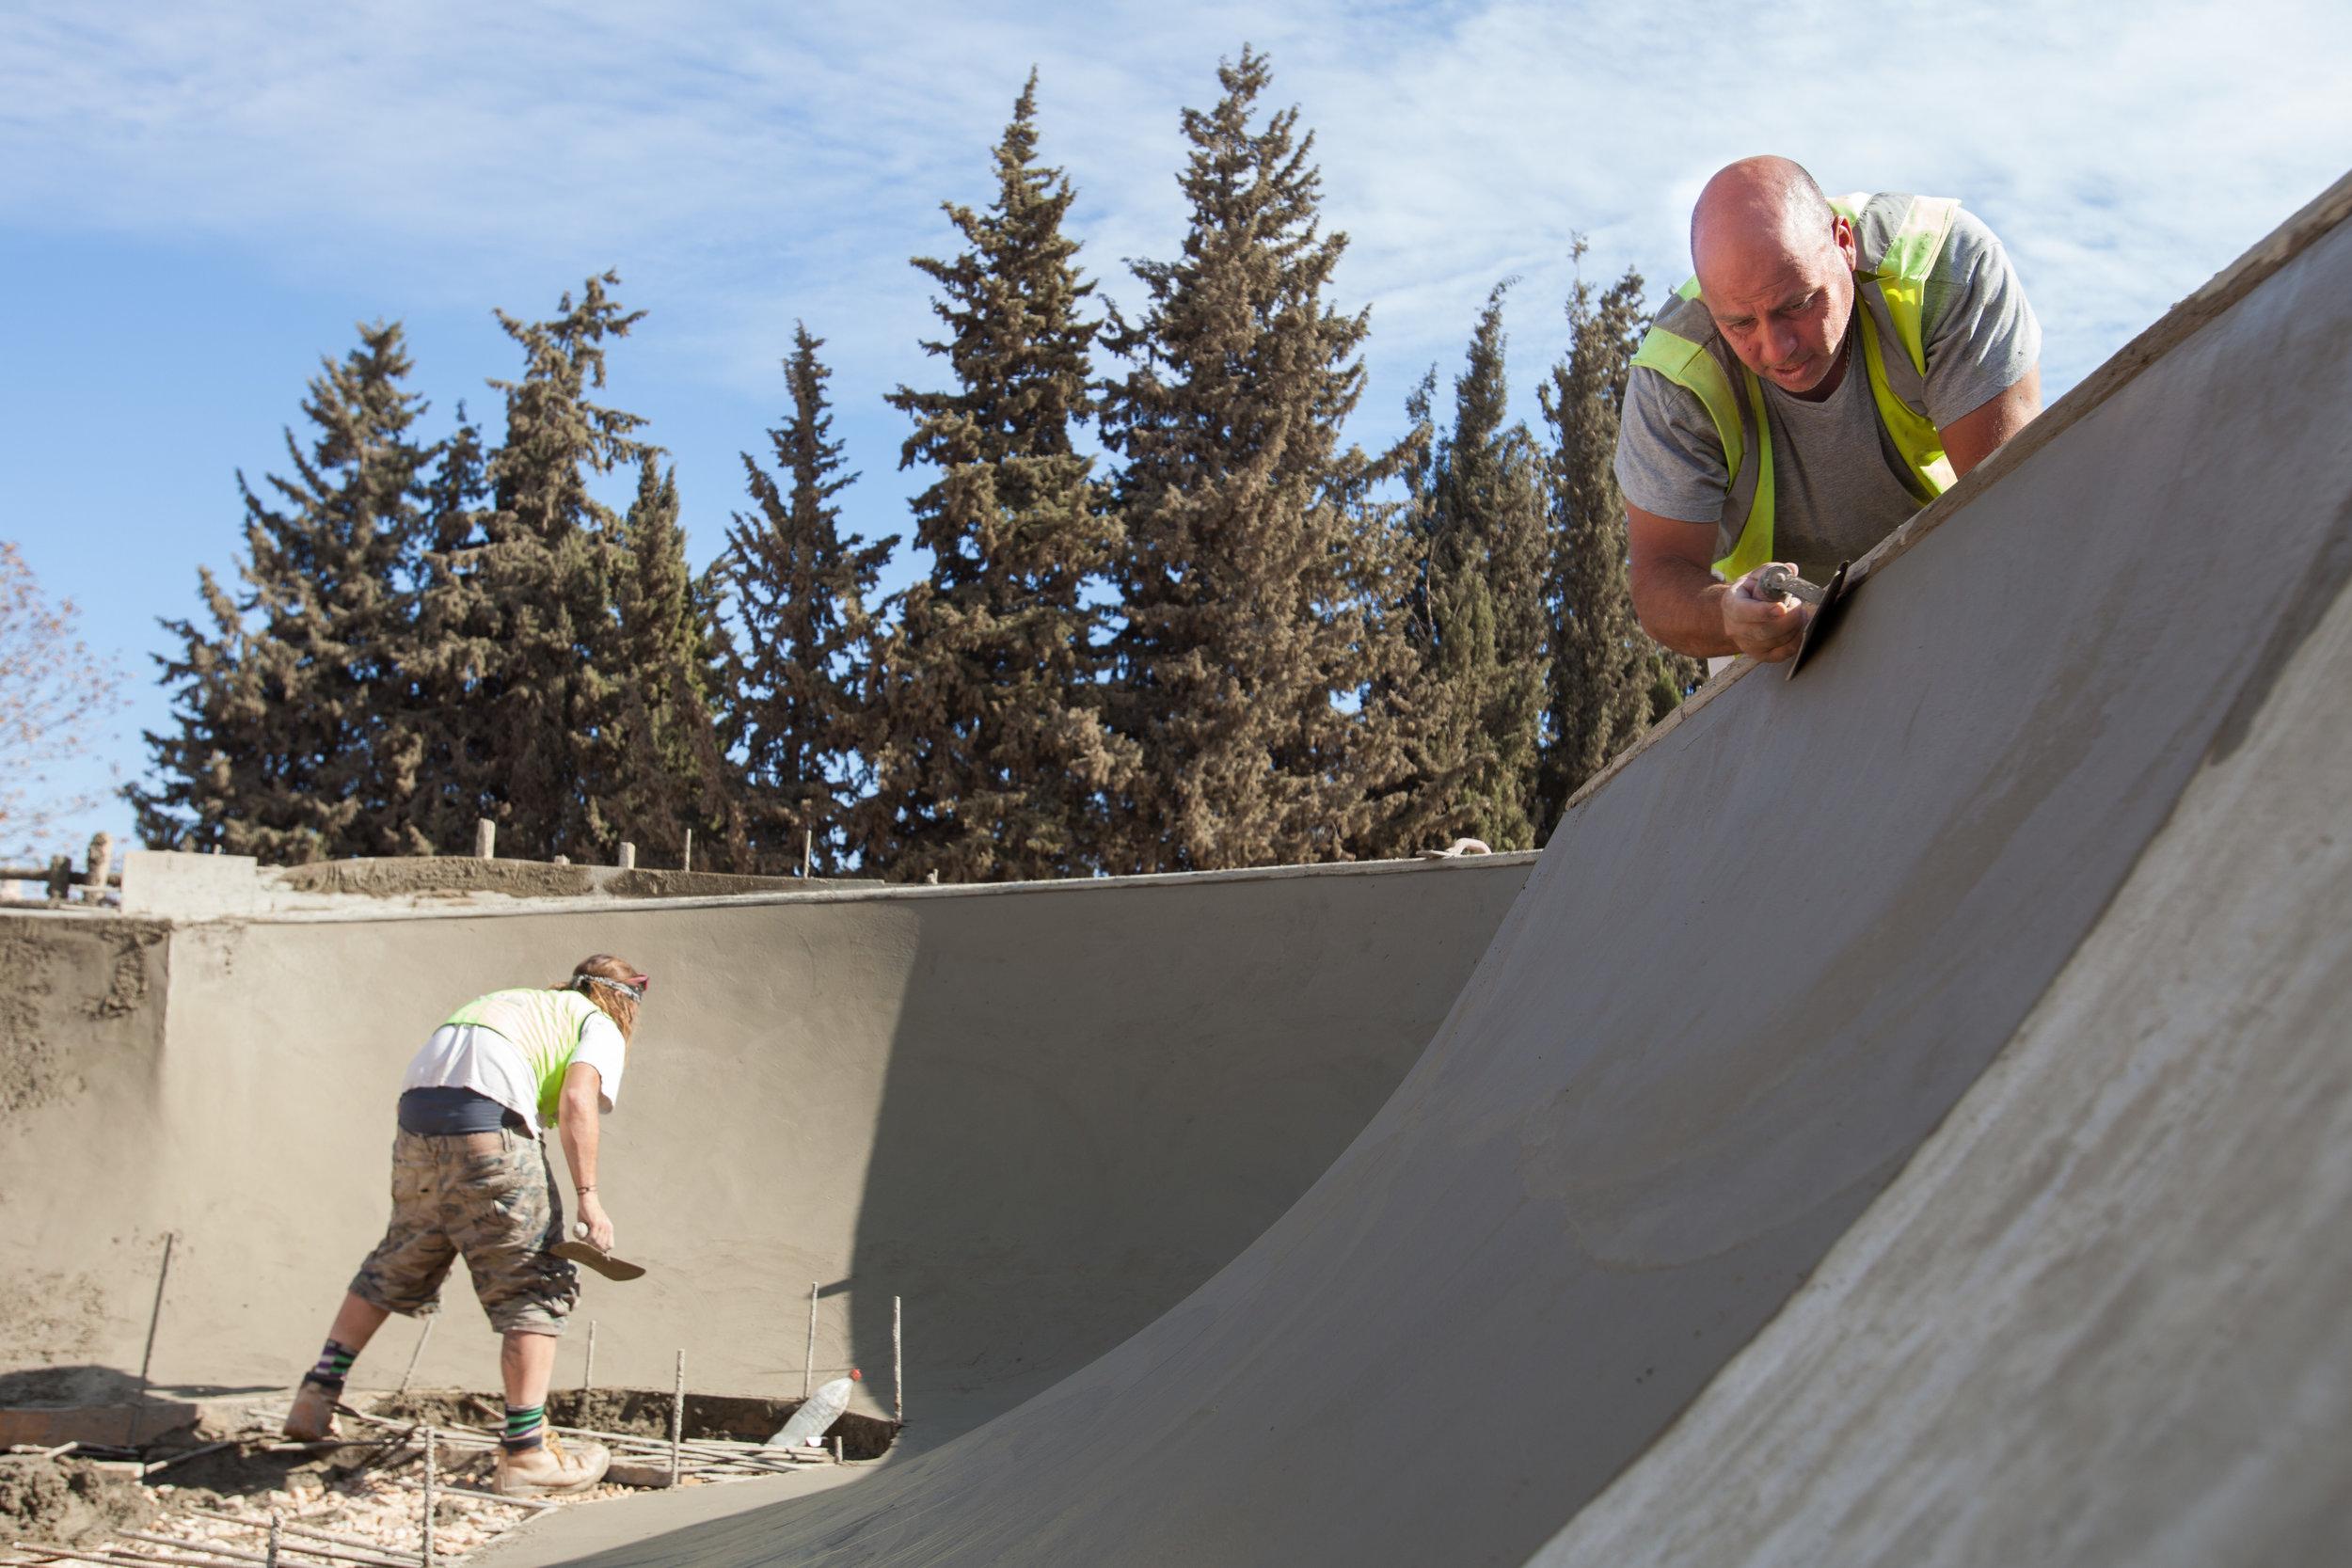 noamrf-skatepark 14.jpg